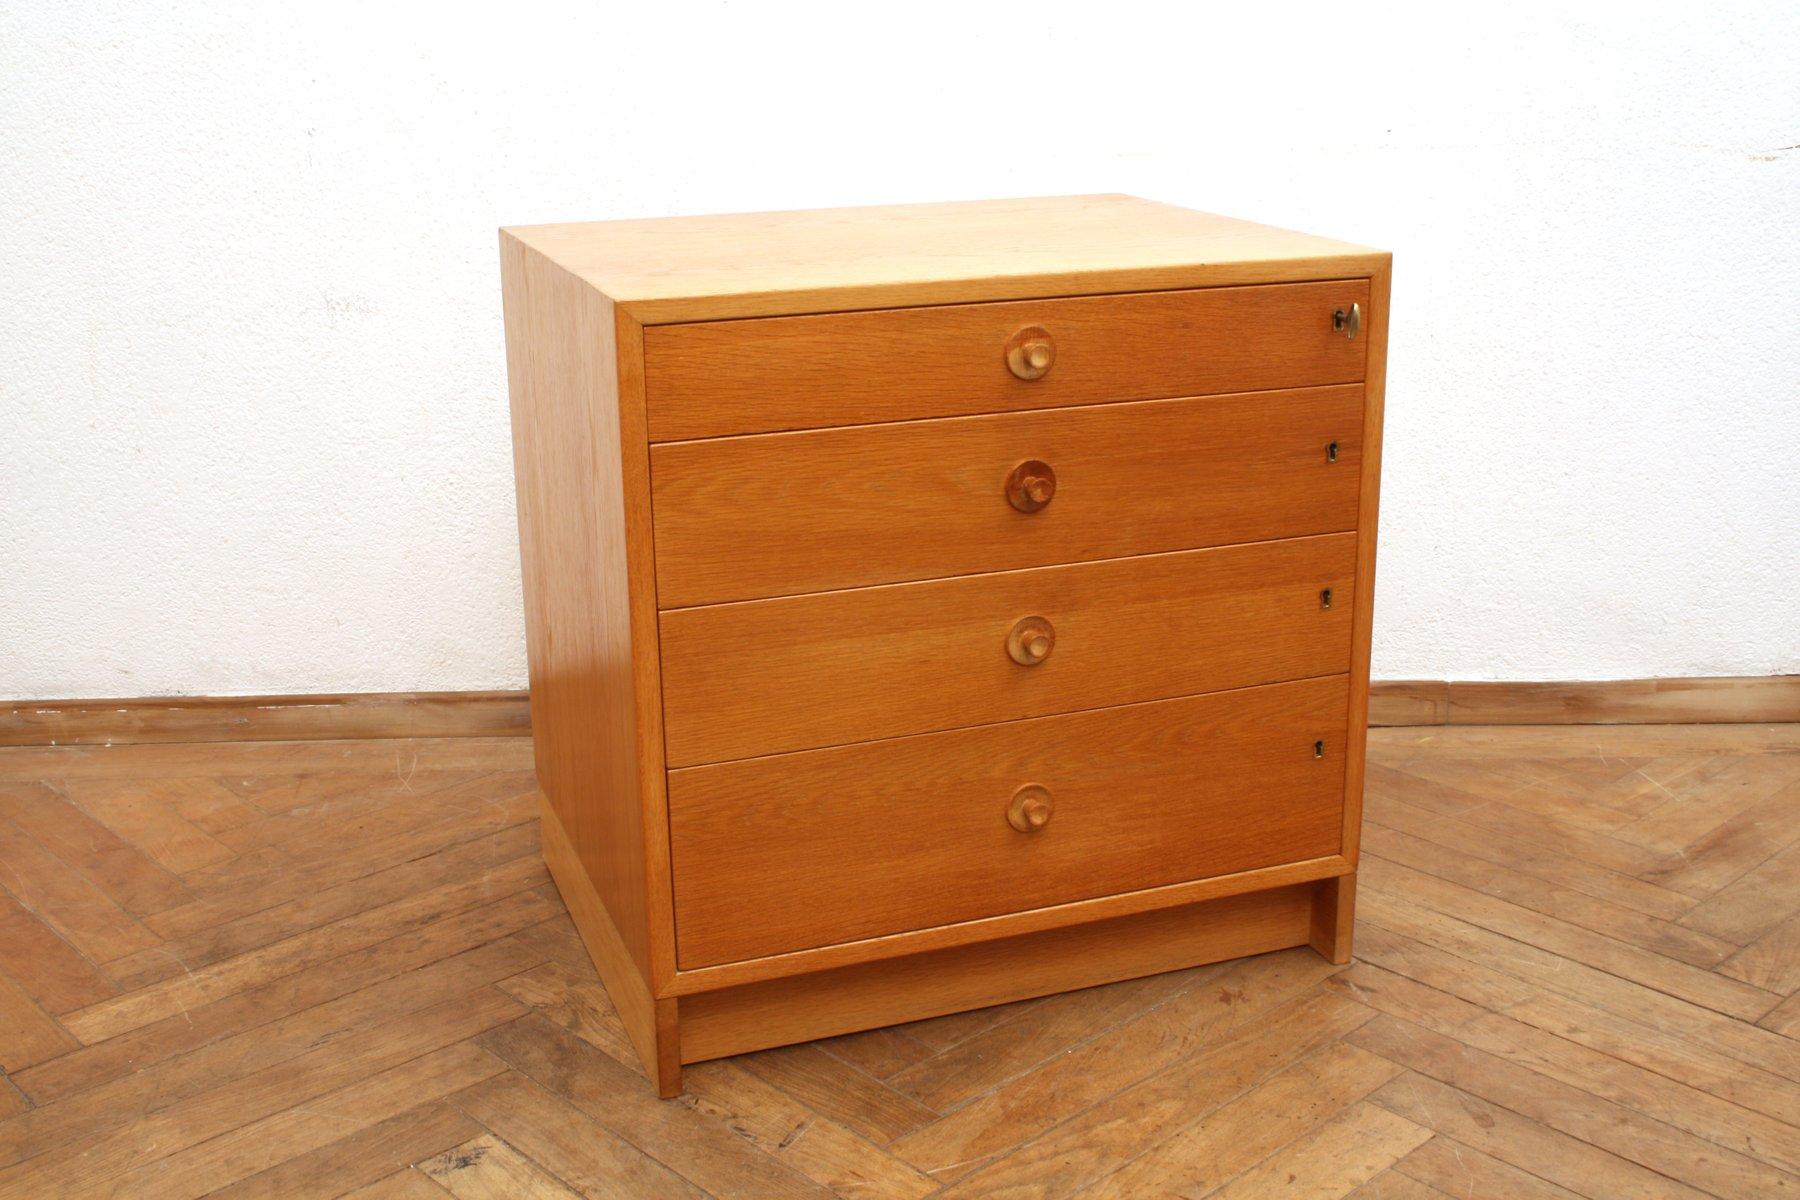 vintage kommode b rge mogensen f r karl andersson s ner 1960er bei pamono kaufen. Black Bedroom Furniture Sets. Home Design Ideas